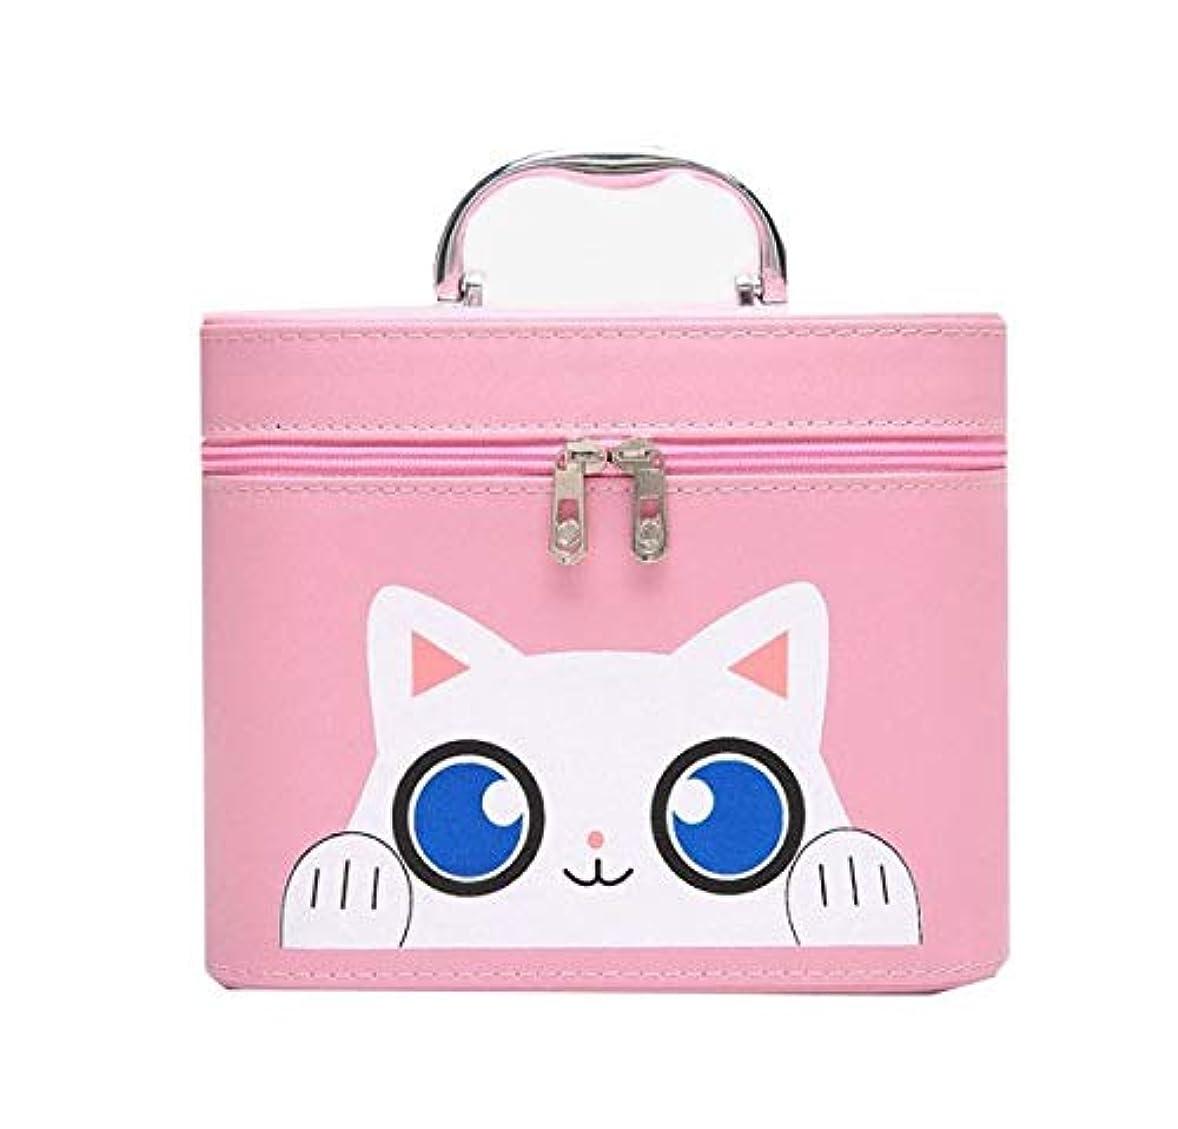 航海認可敏感な化粧箱、大容量漫画猫化粧品ケース、ポータブル旅行化粧品ケース、美容ネイルジュエリー収納ボックス (Size : S)